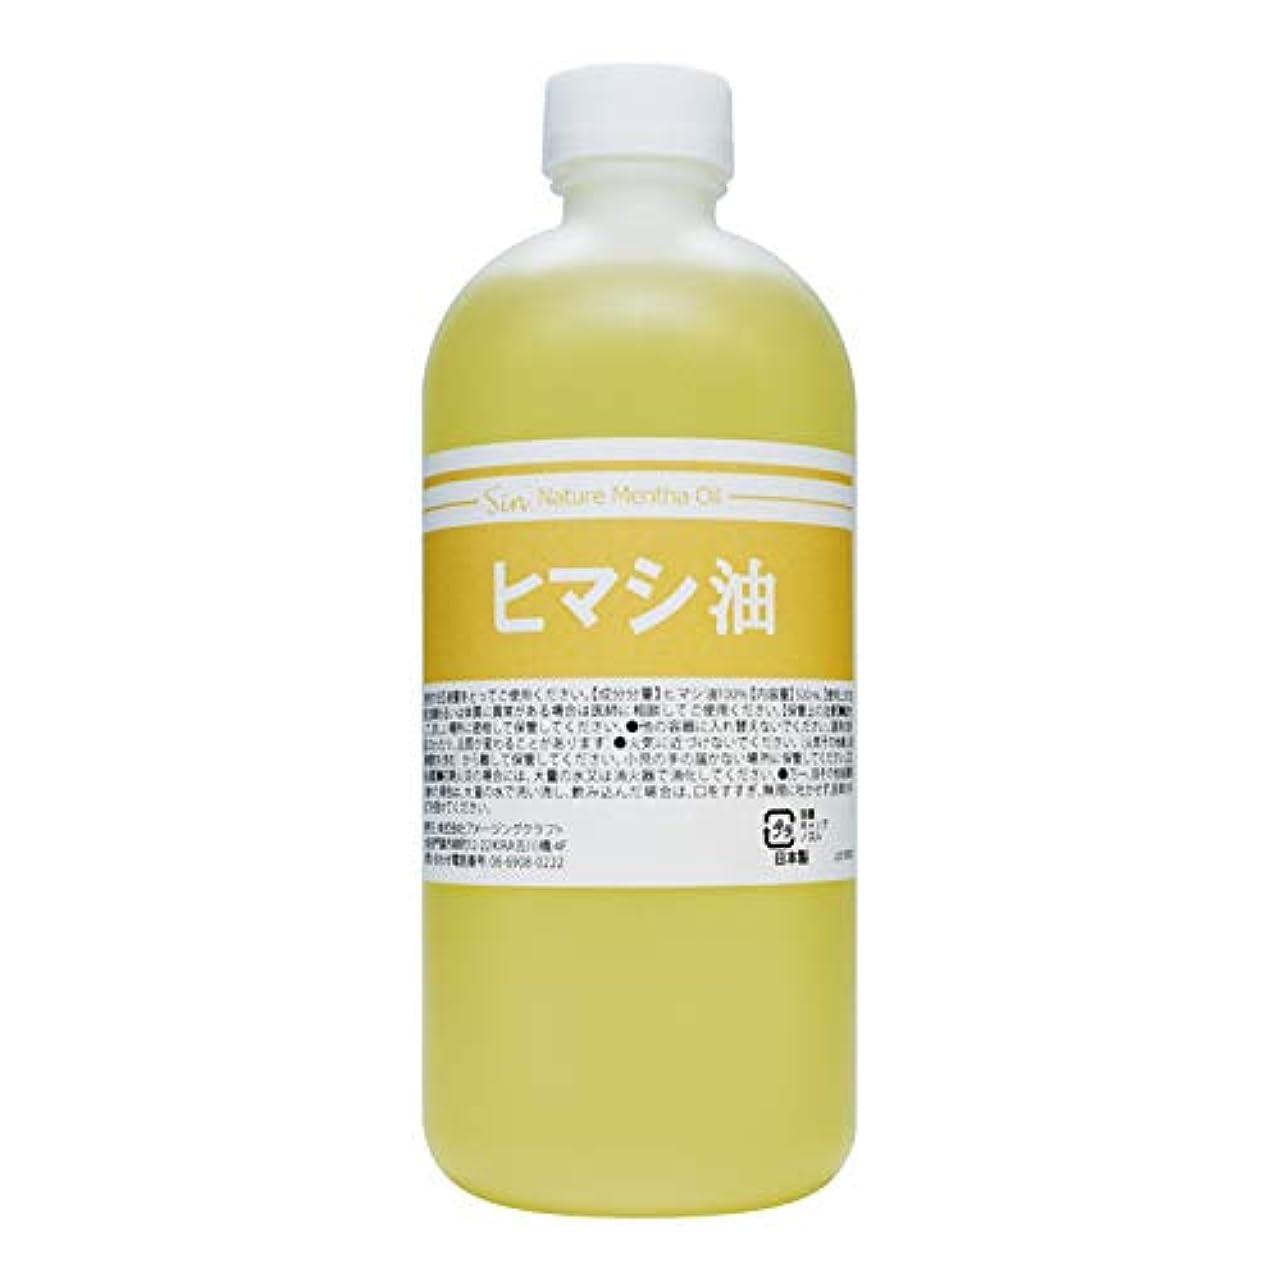 毛細血管自伝白菜天然無添加 国内精製 ひまし油 500ml (ヒマシ油 キャスターオイル)